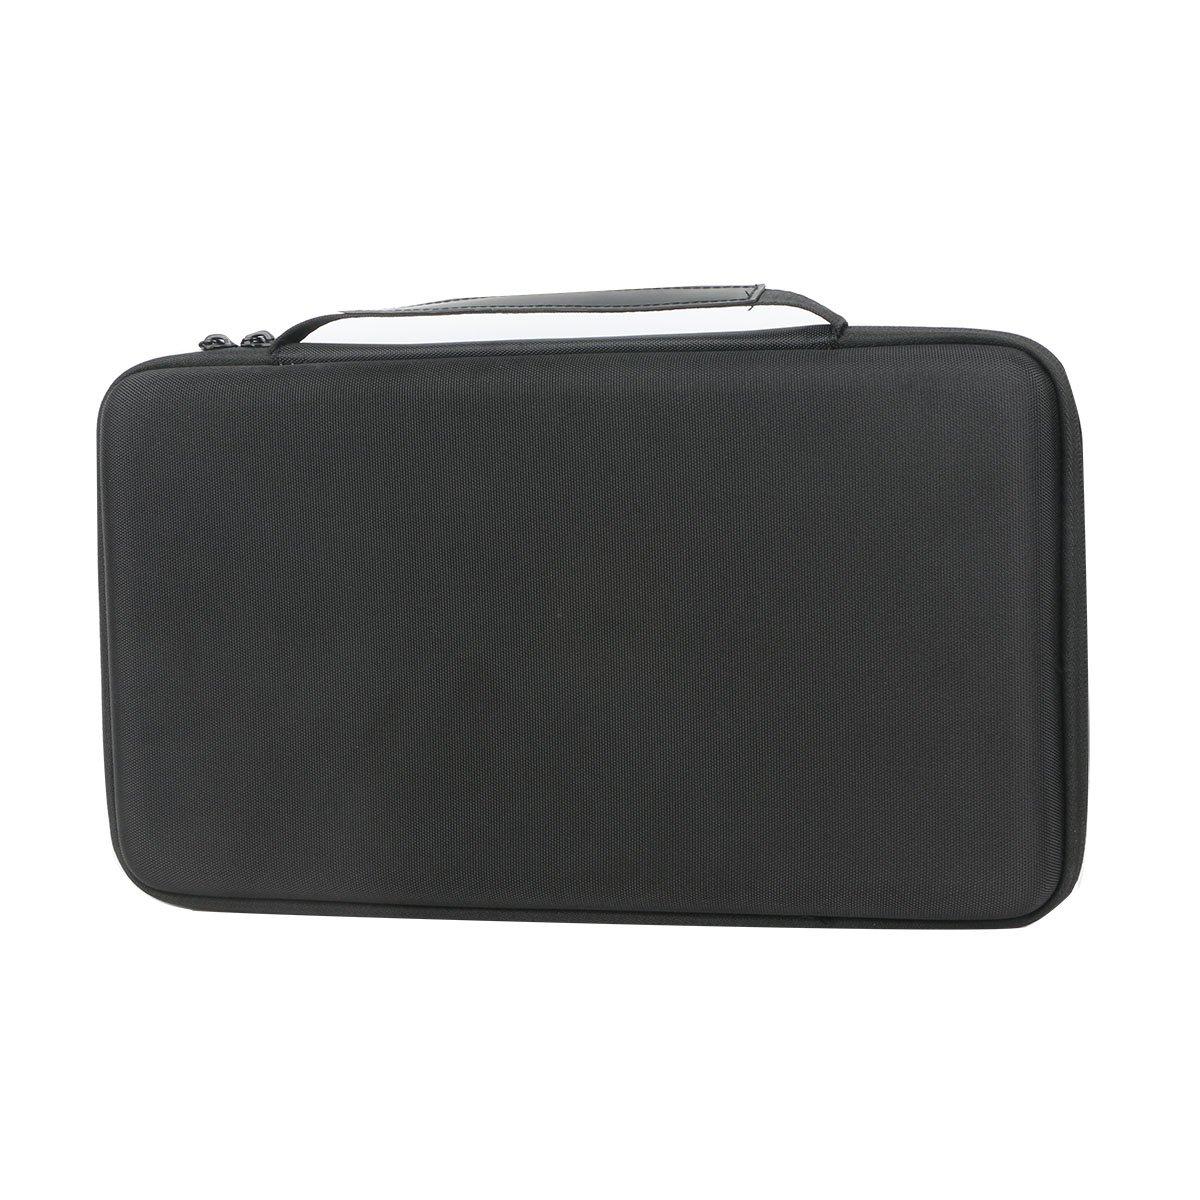 Duro Viajar Caso Cubrir para Akai Professional MPK Mini Mk2 por co2CREA(Travel Case) (Size 1): Amazon.es: Electrónica